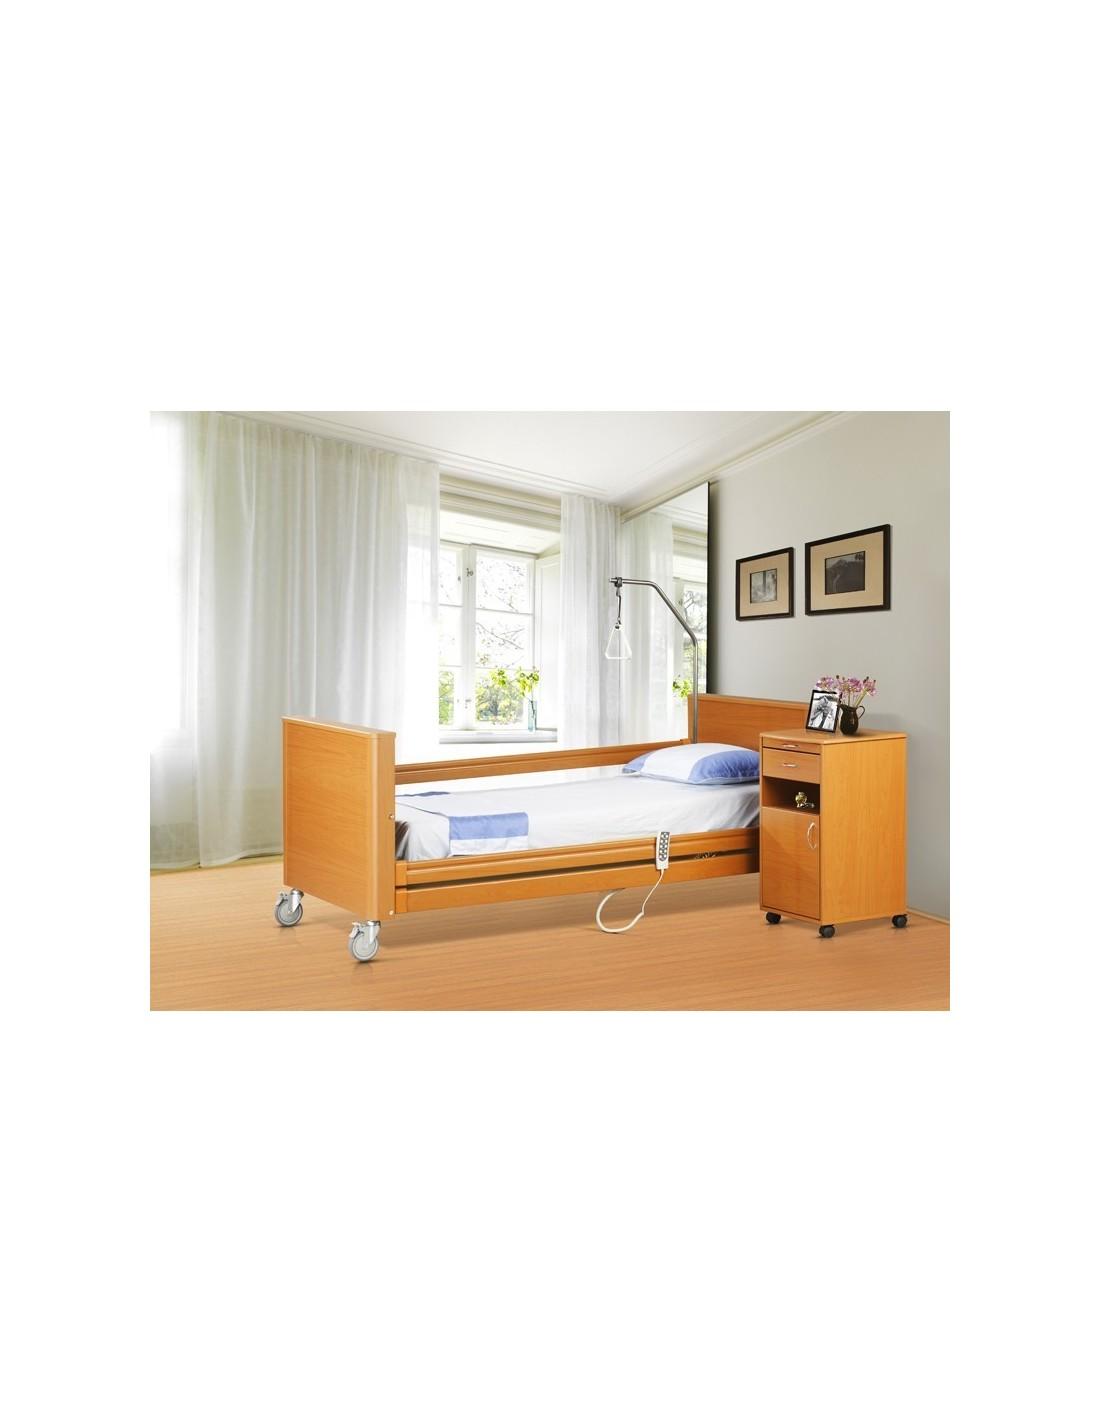 Letto elettrico degenza in legno lusso sofia 120 per anziani e disabili - Scaldino elettrico per letto ...